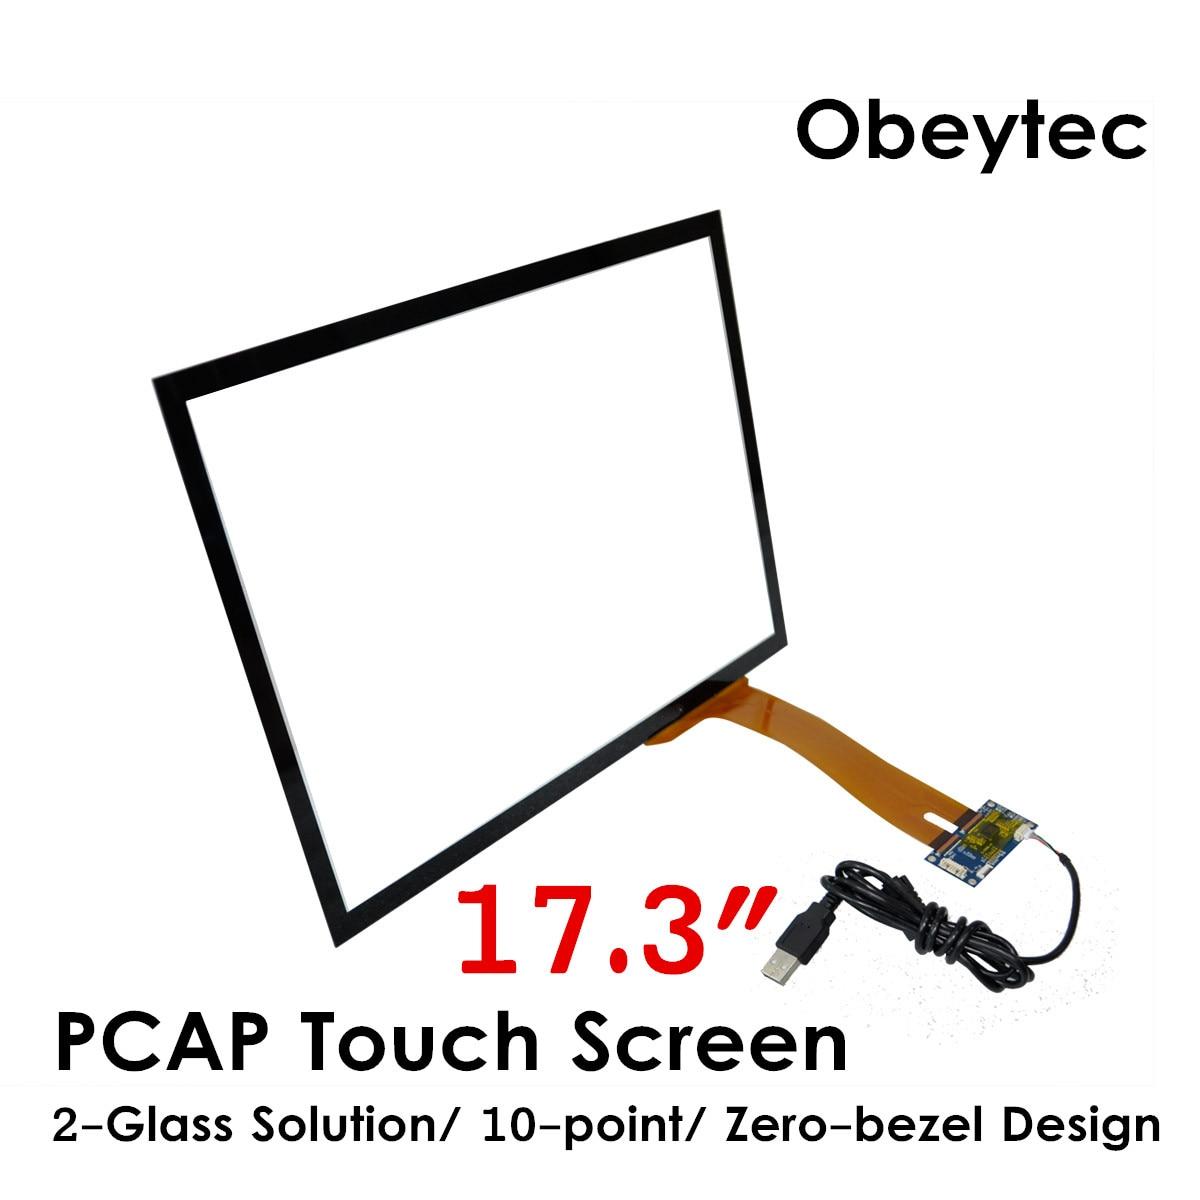 Obeycrop 17,3 PCAP, проецируемый емкостный сенсорный датчик, 10 точек касания, высокая прочность касания, долгосрочная стабильность, USB порт